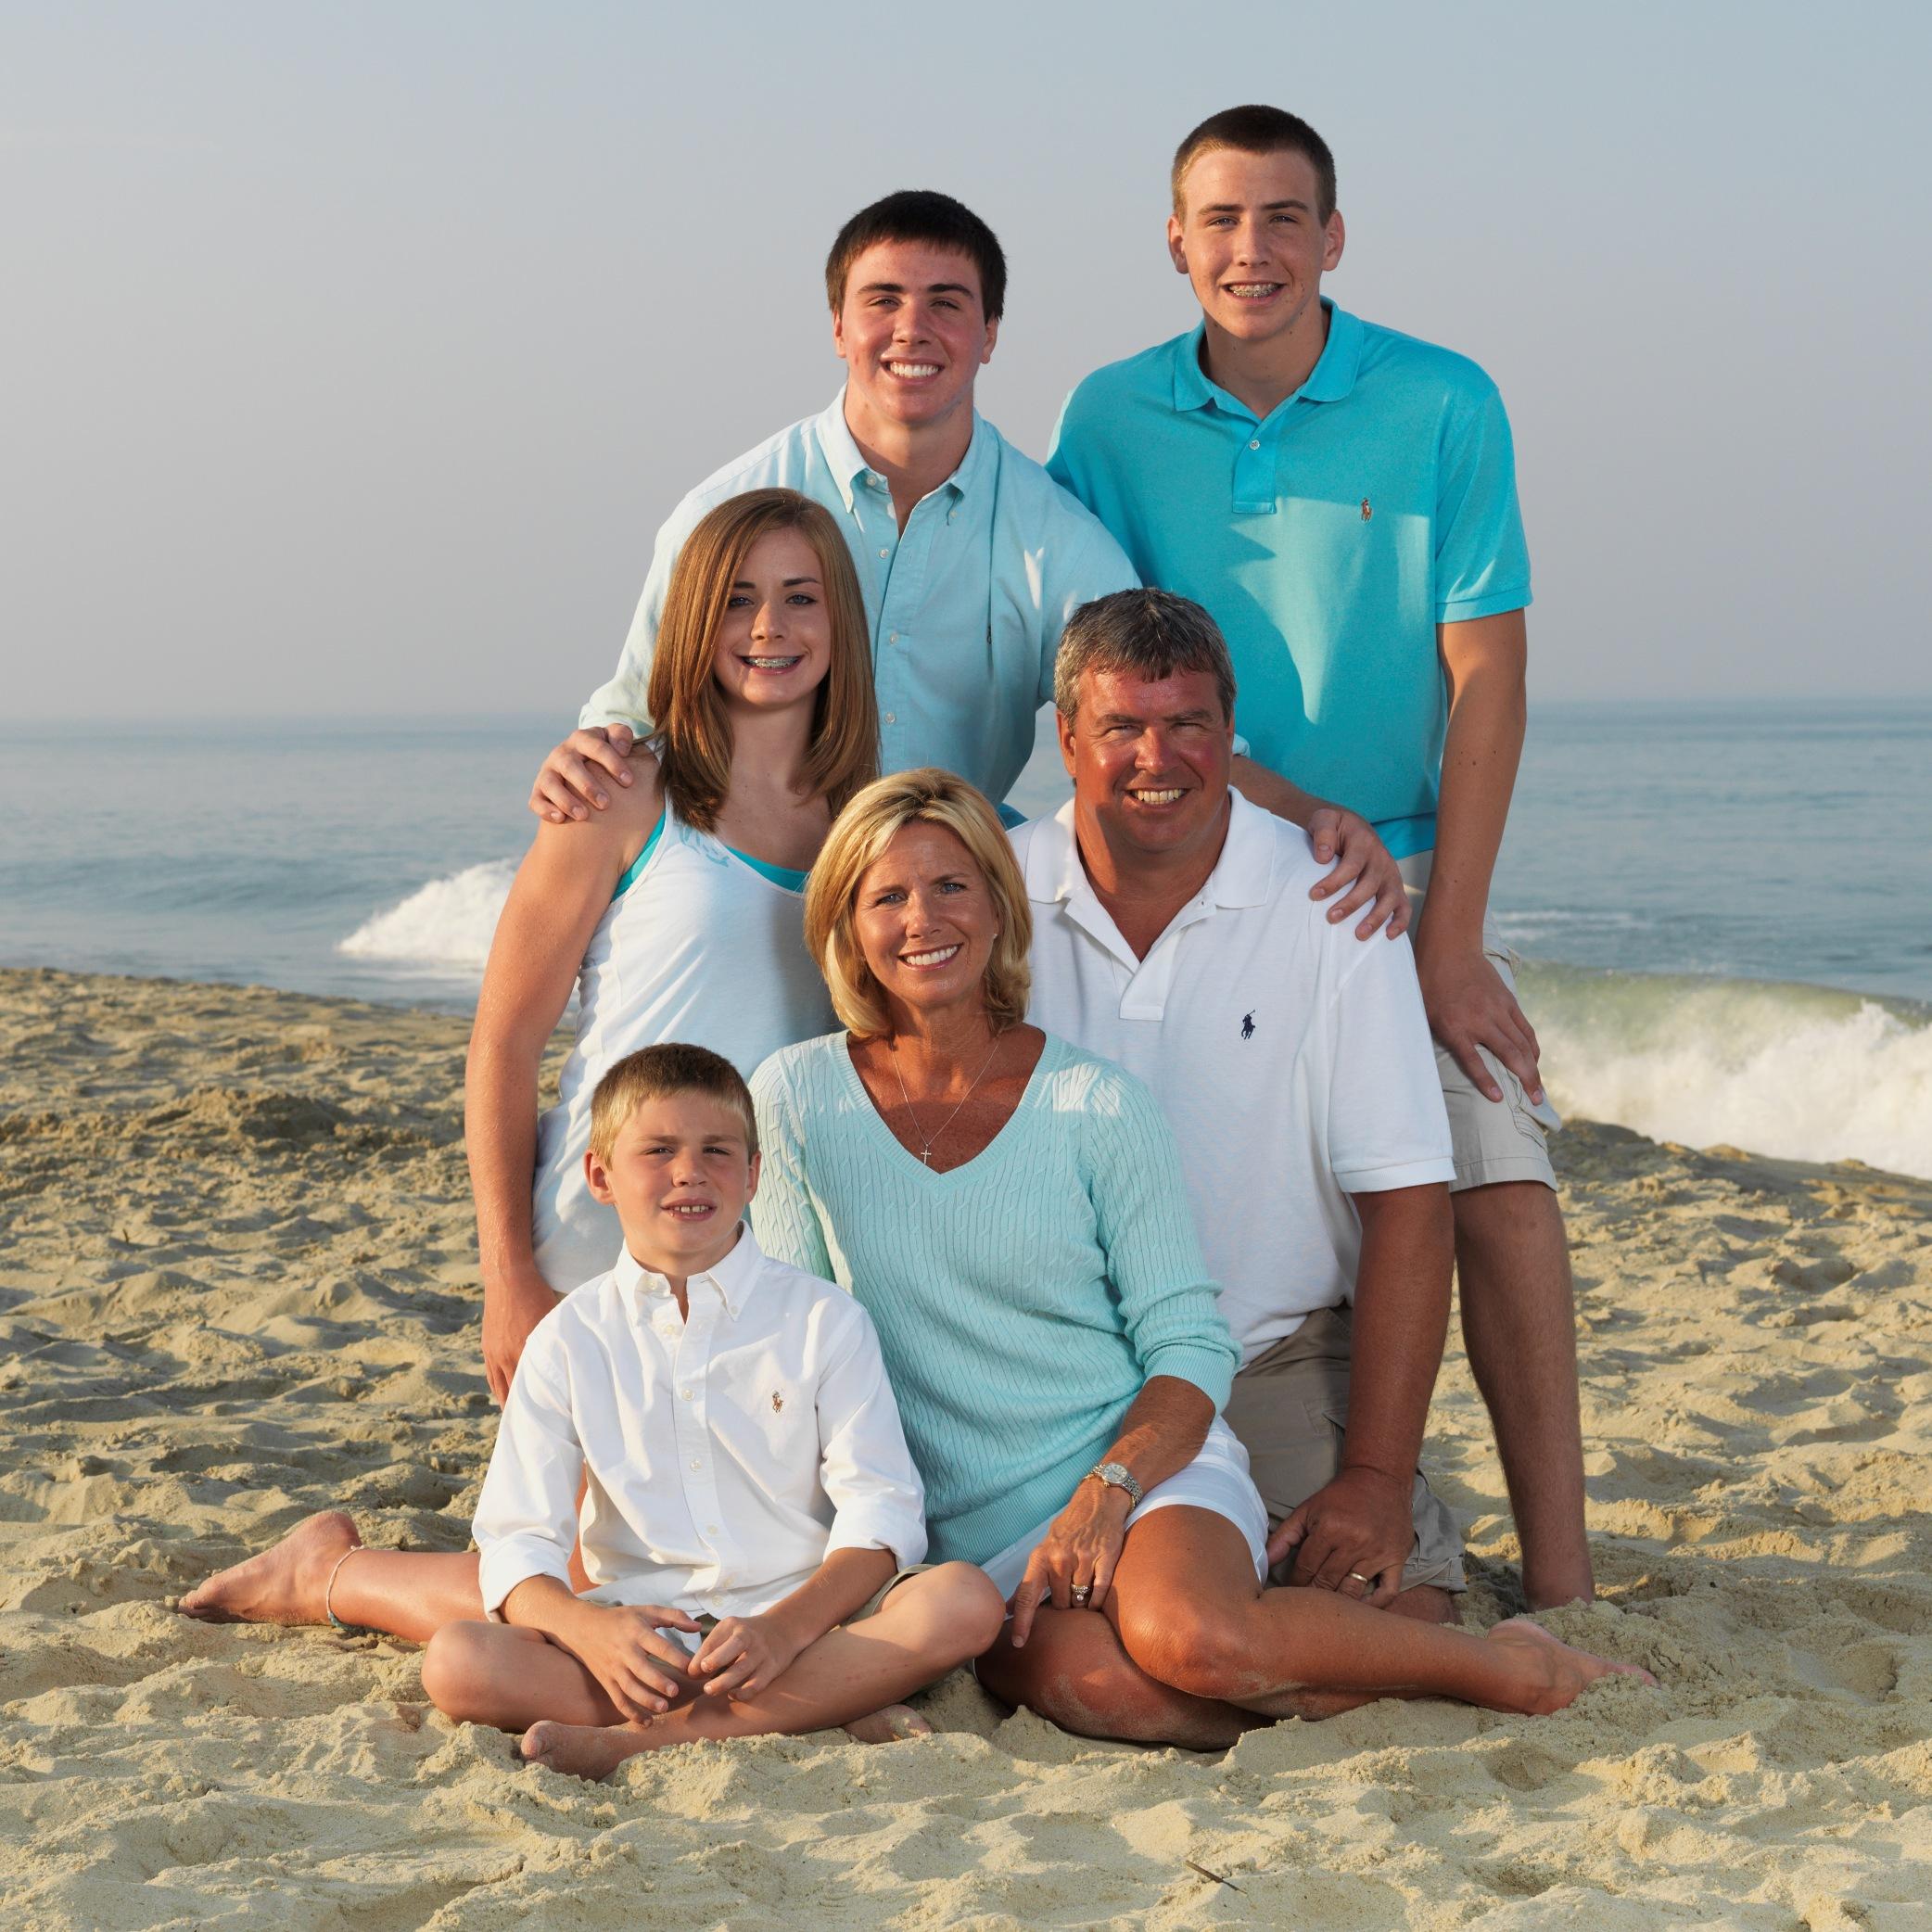 Best Family Beach Photo Ideas